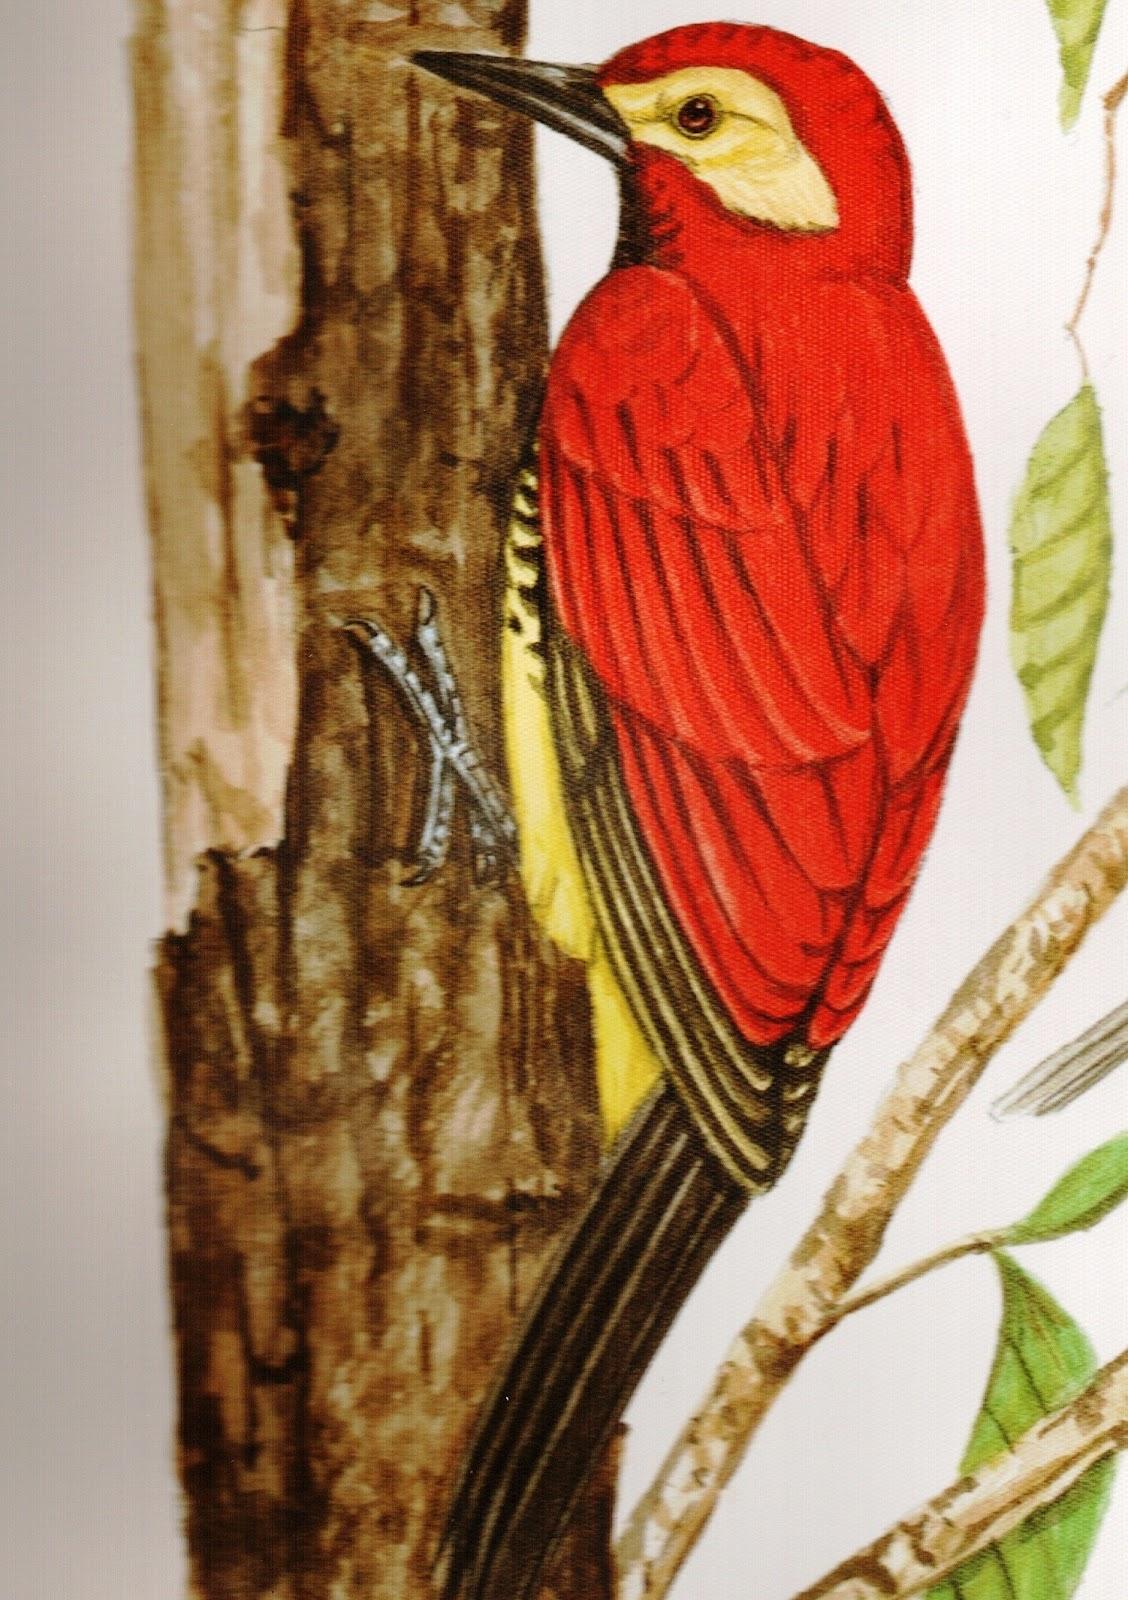 Mario Vsconez Ecuador 46 Los incendios y las aves del Parque